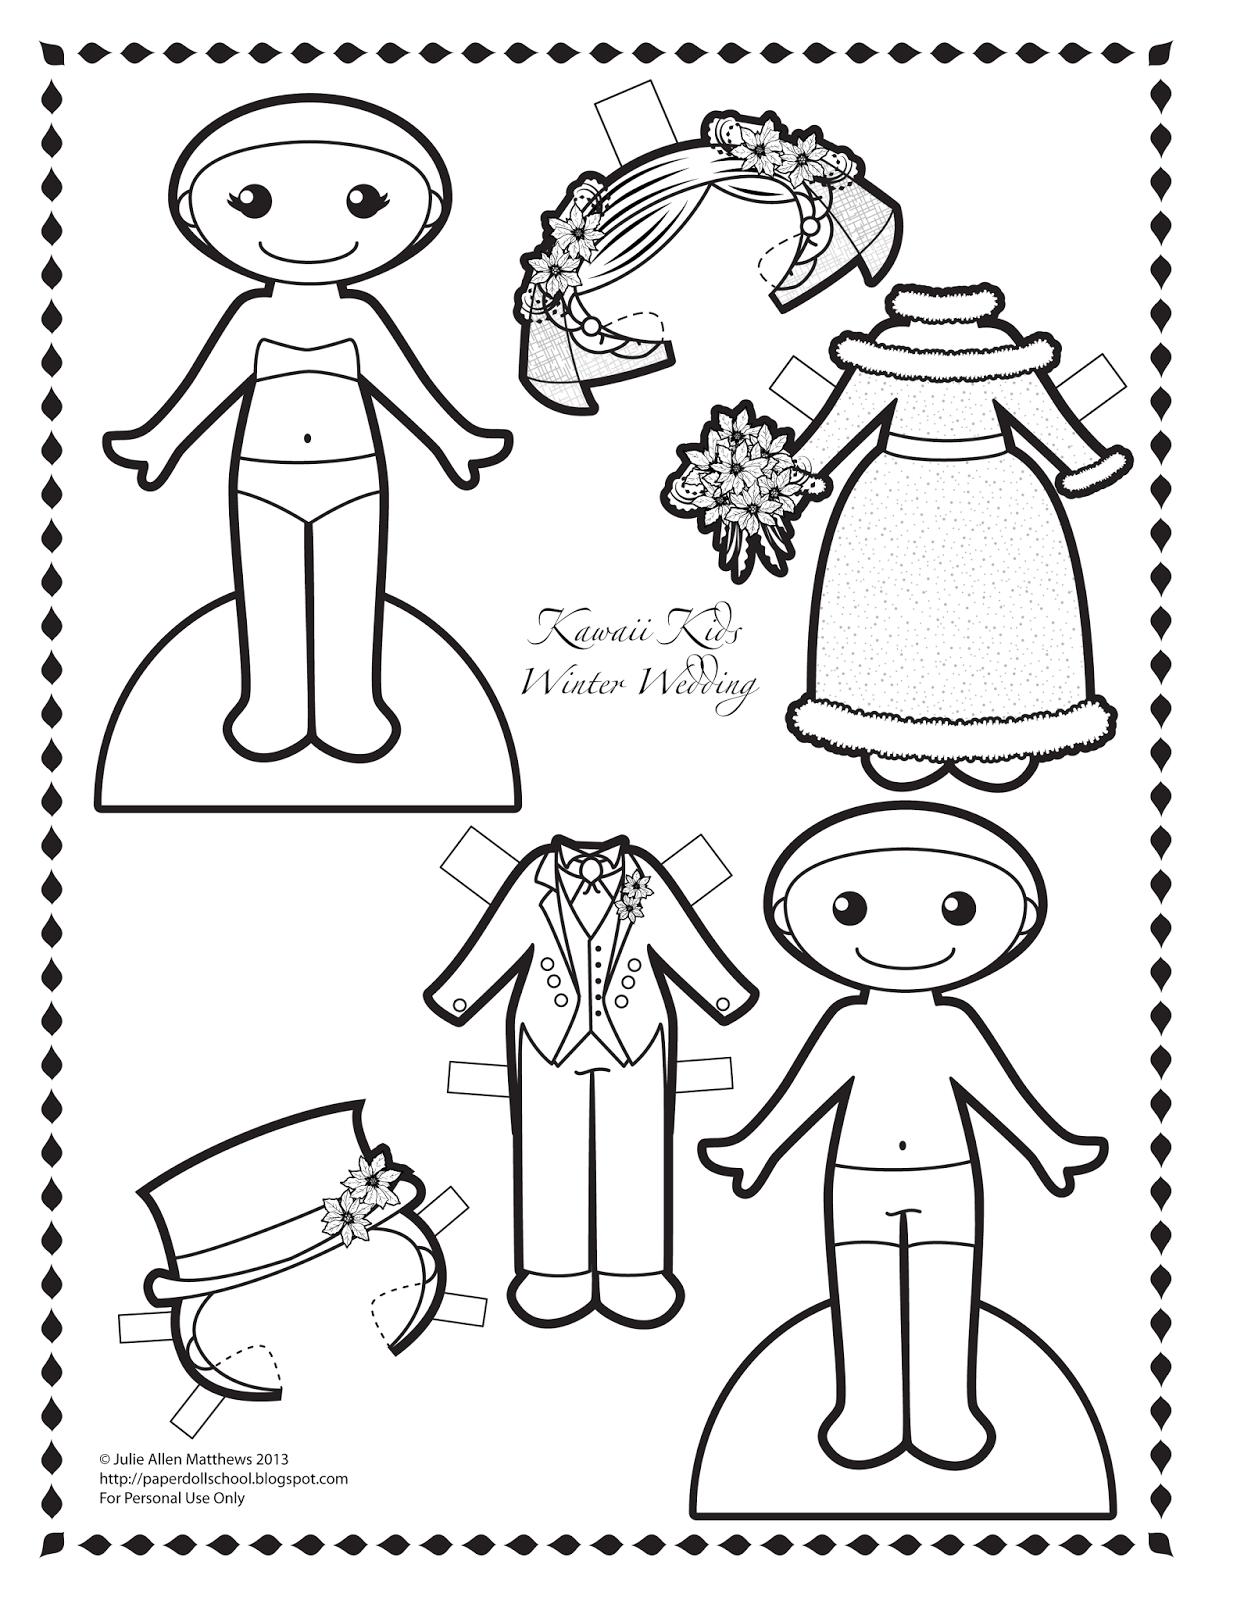 Как сделать куклу из бумаги, бумажные куклы с одеждой 71